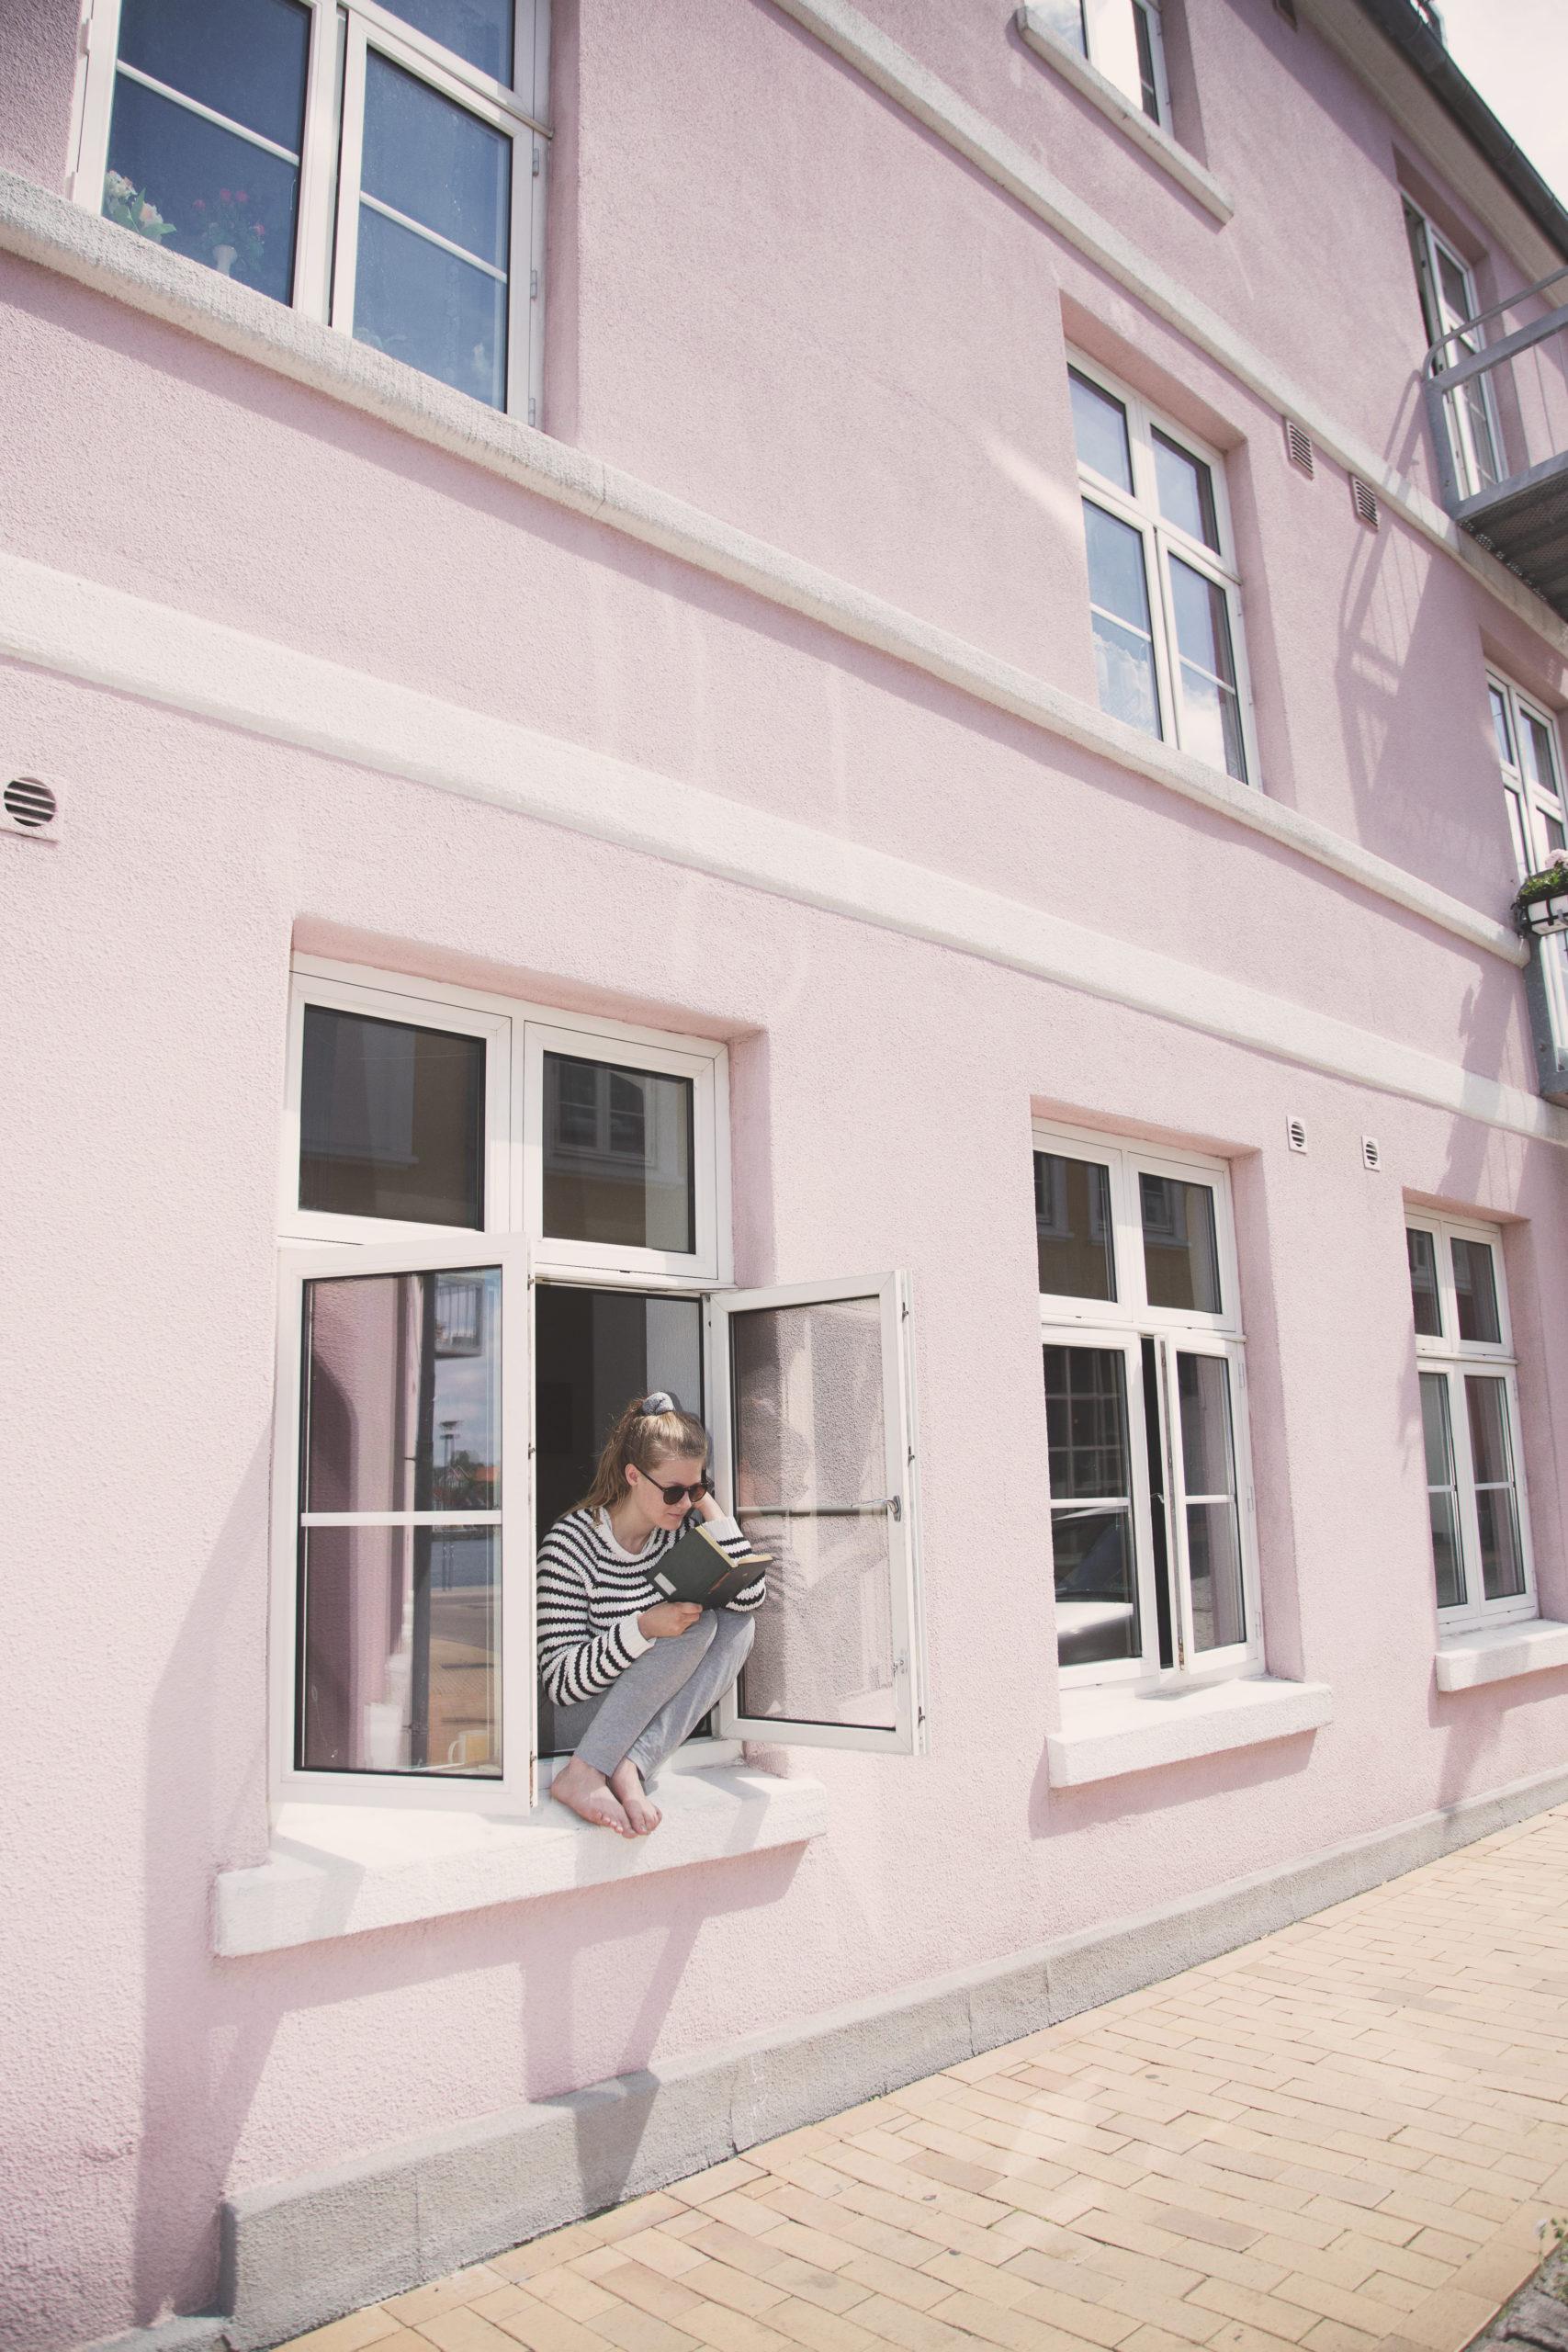 Girl reading in window